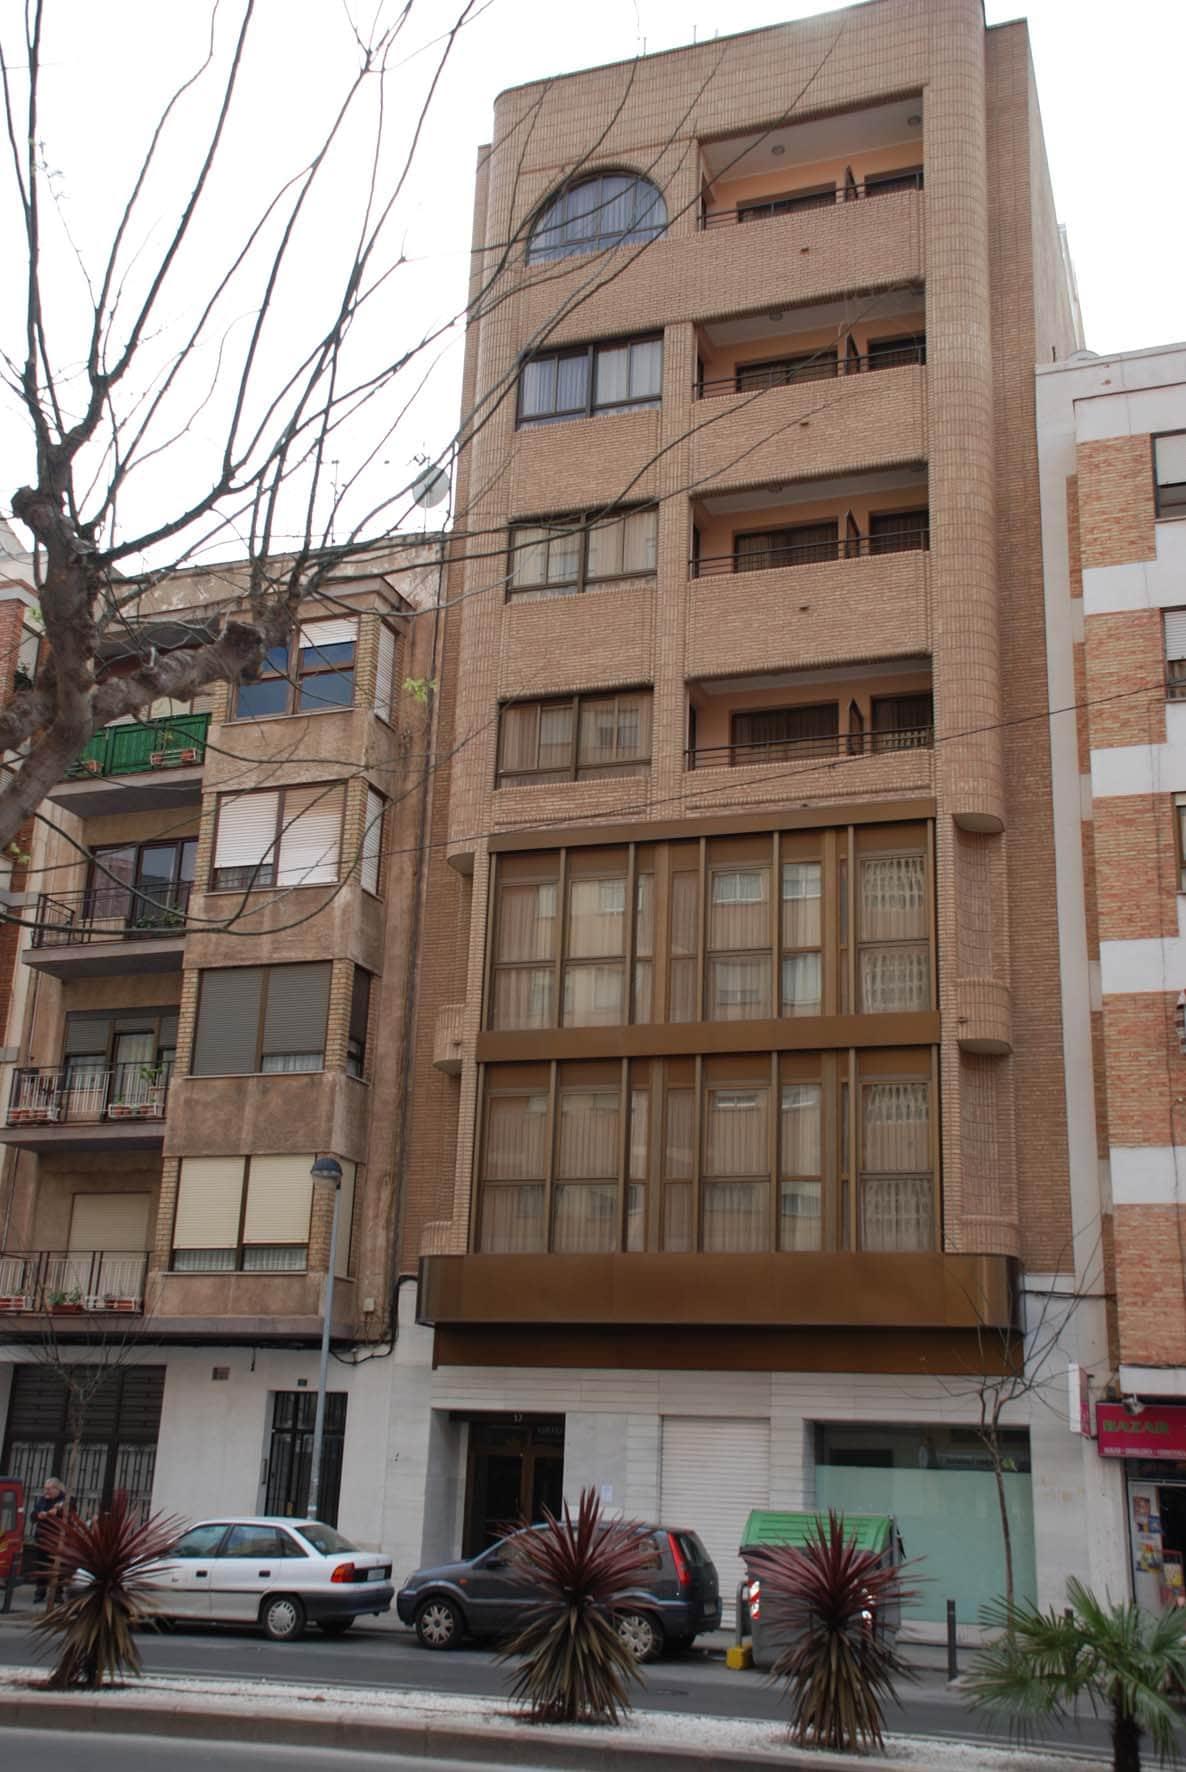 Iberflat from Castellón de la Plana